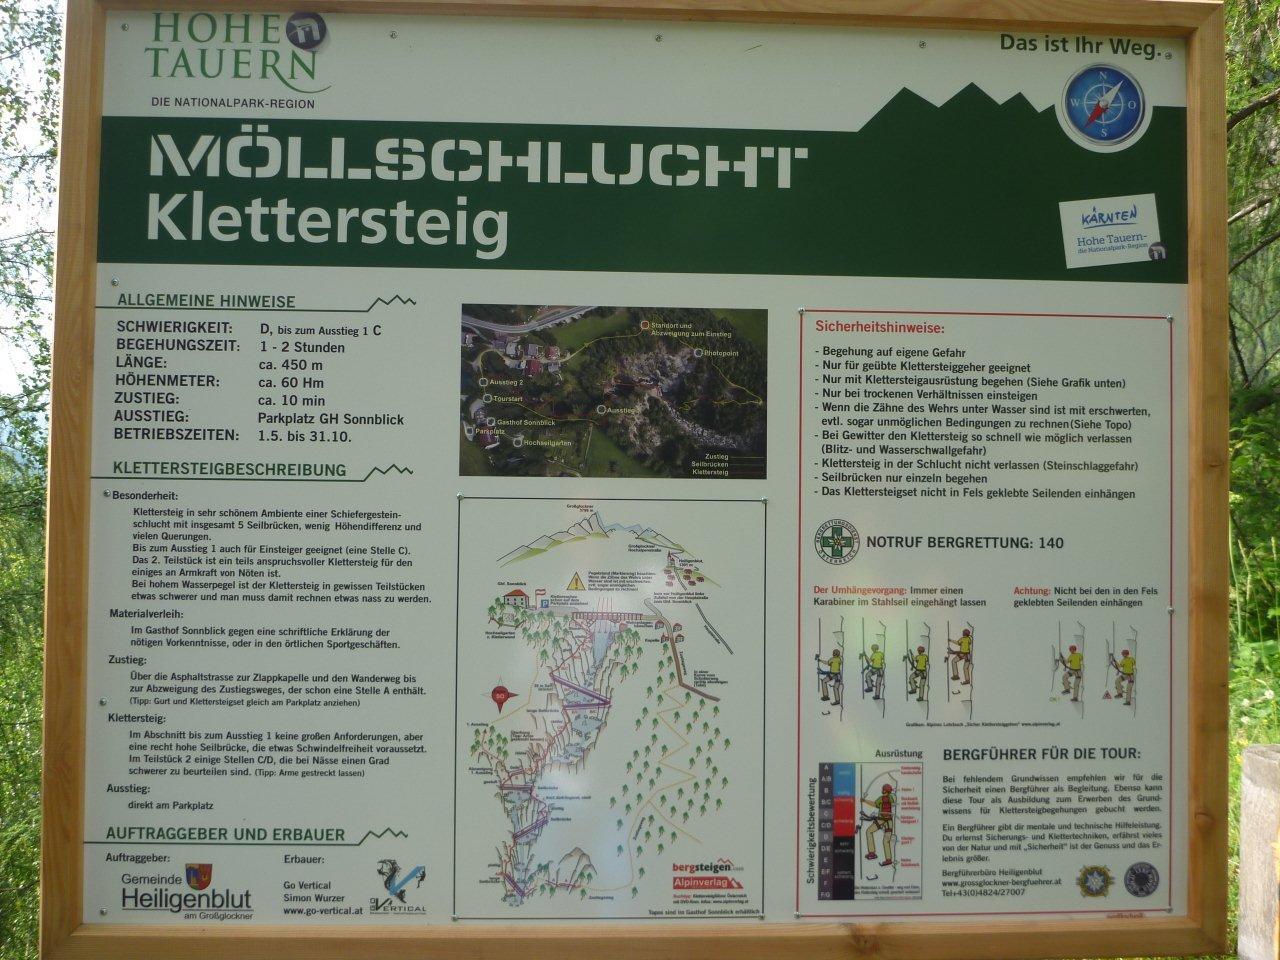 Klettersteigset Willhaben : Aufdiebergbinigern: möllschlucht neuer klettersteig in heiligenblut